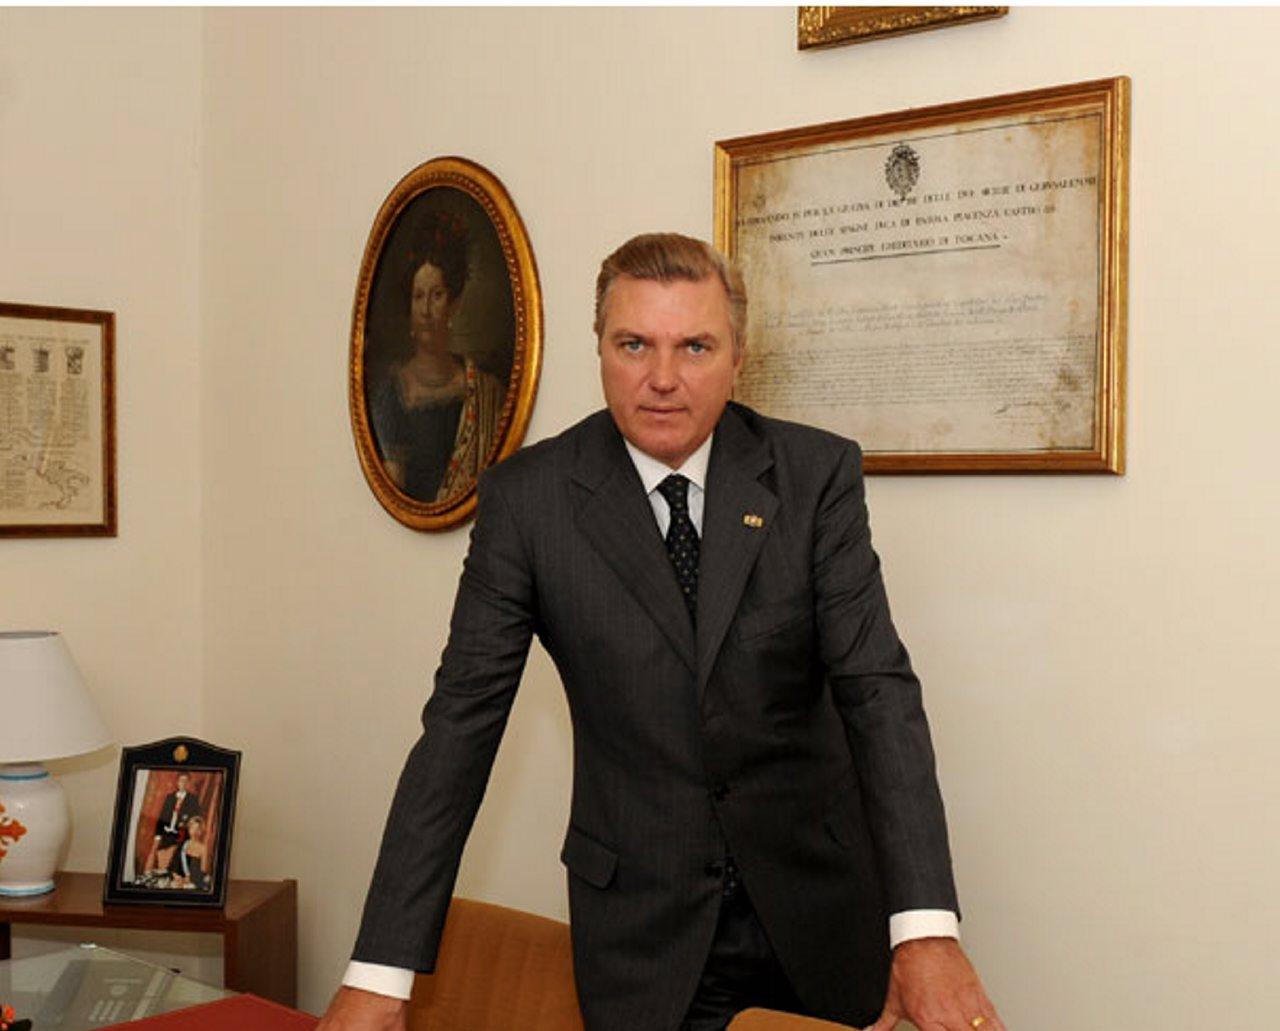 Carlo Principe ufficio#001